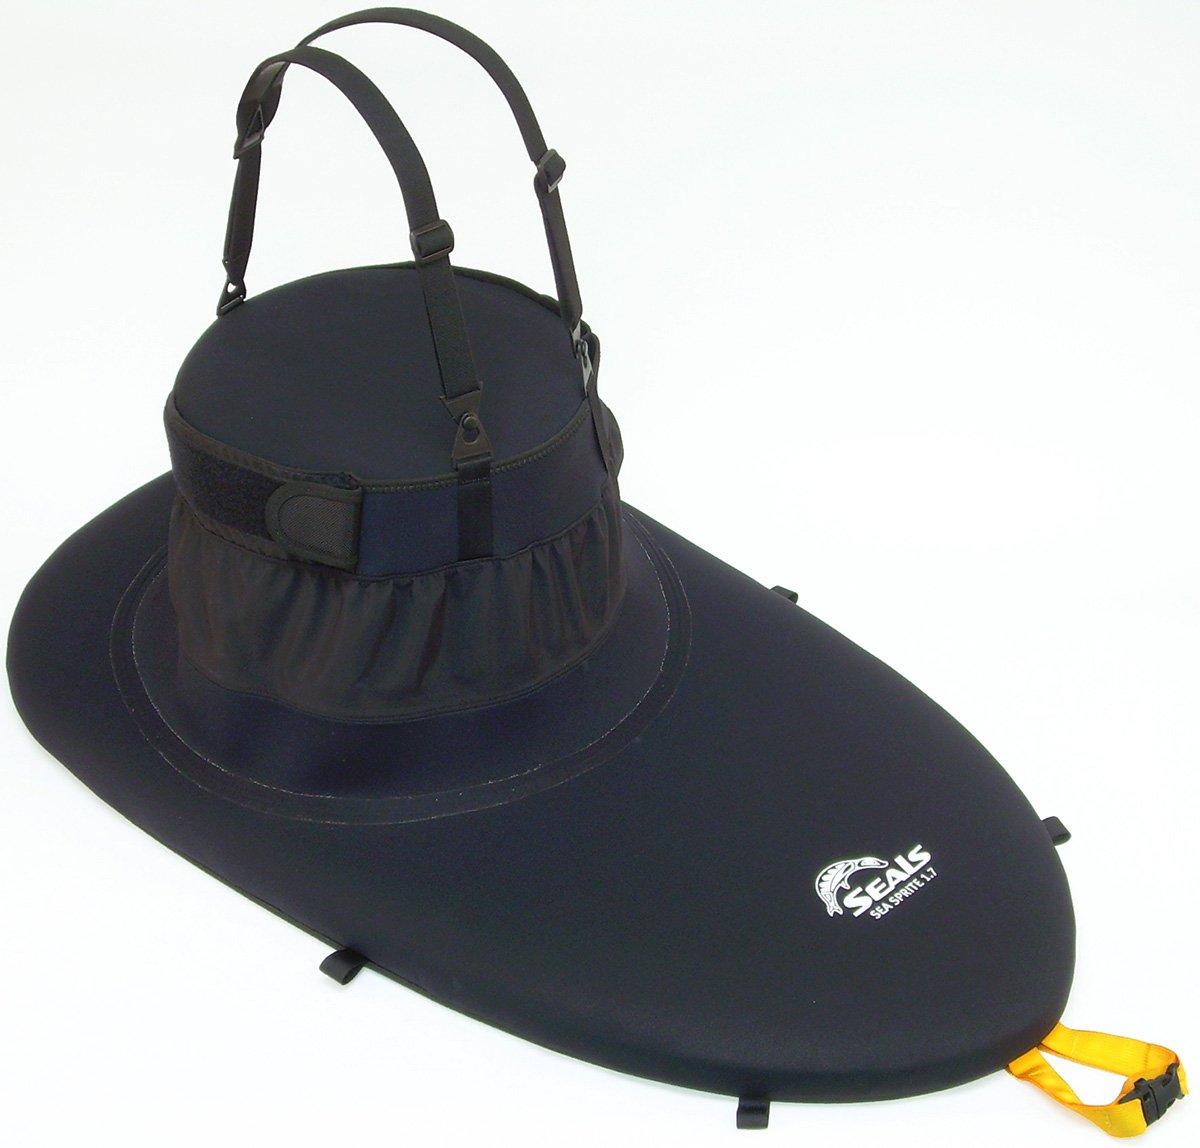 Seals Sea Sprite Kayak Sprayskirt Black 2.2 by Seals